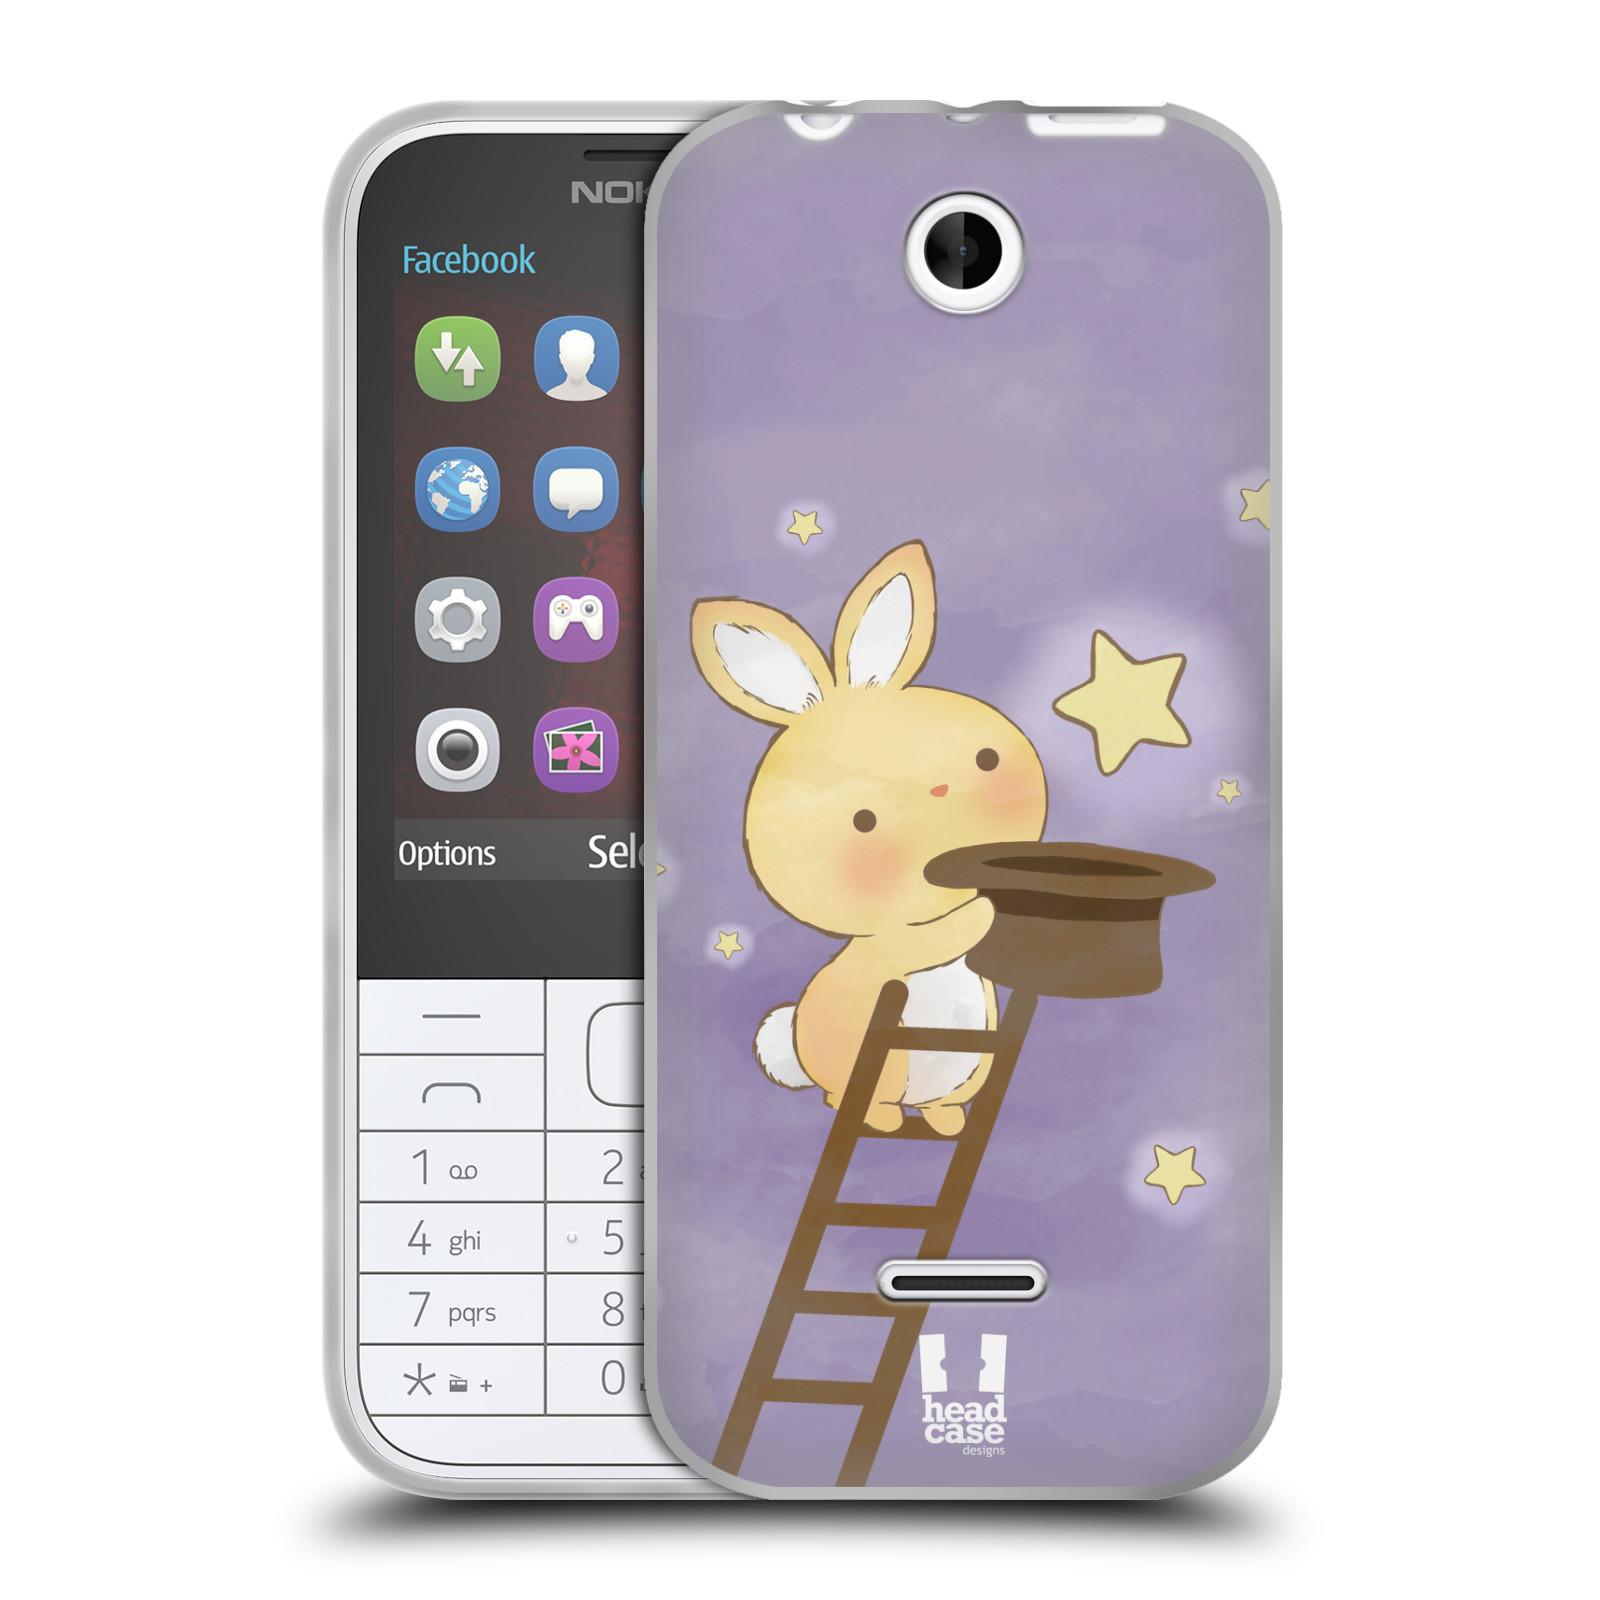 HEAD CASE silikonový obal na mobil NOKIA 225 / NOKIA 225 DUAL SIM vzor králíček a hvězdy fialová